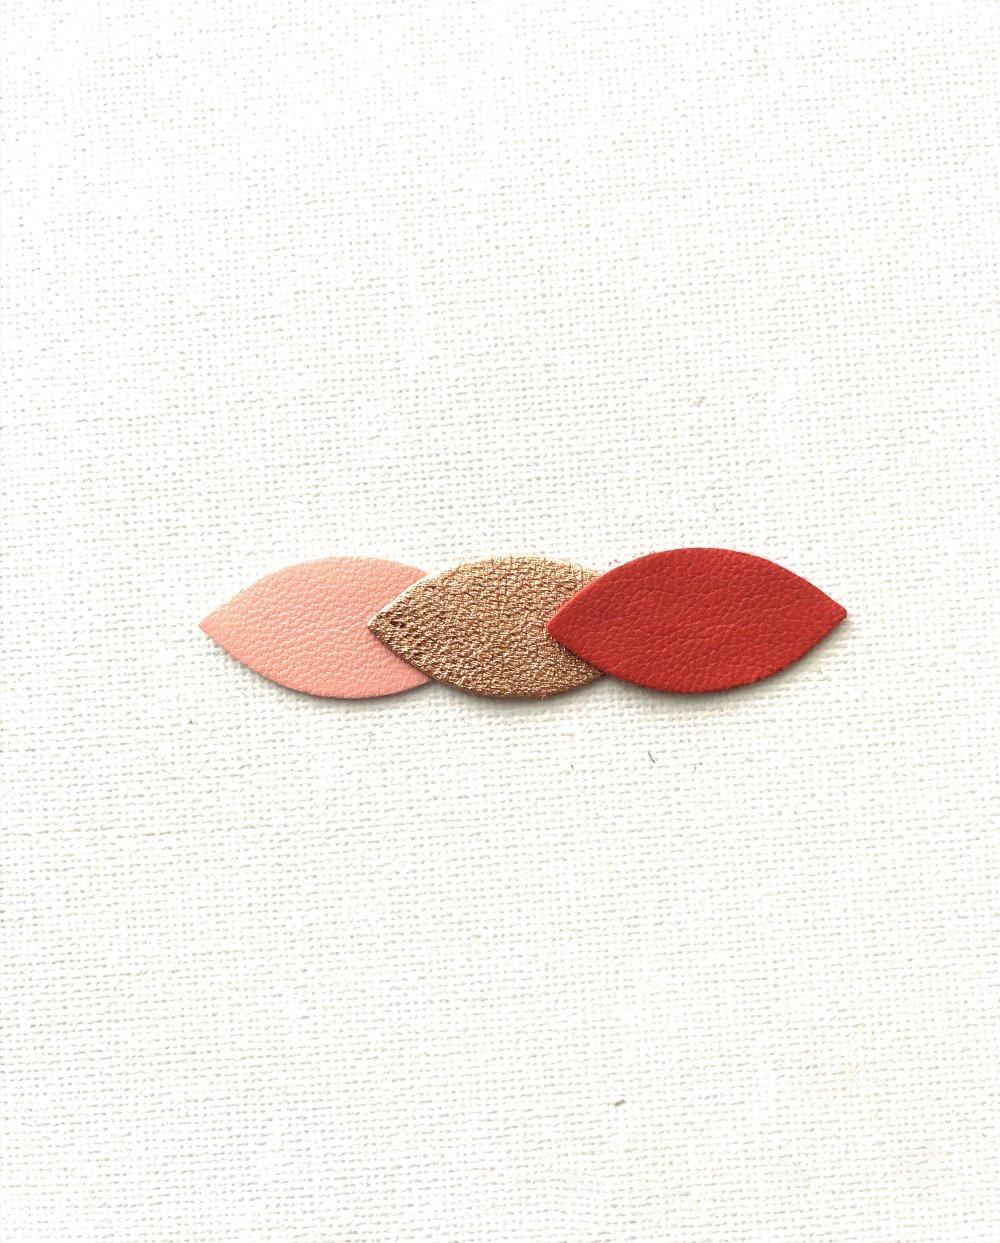 Barrette pince à cheveux pétales de cuir rouge cuivré, or rosé, rose